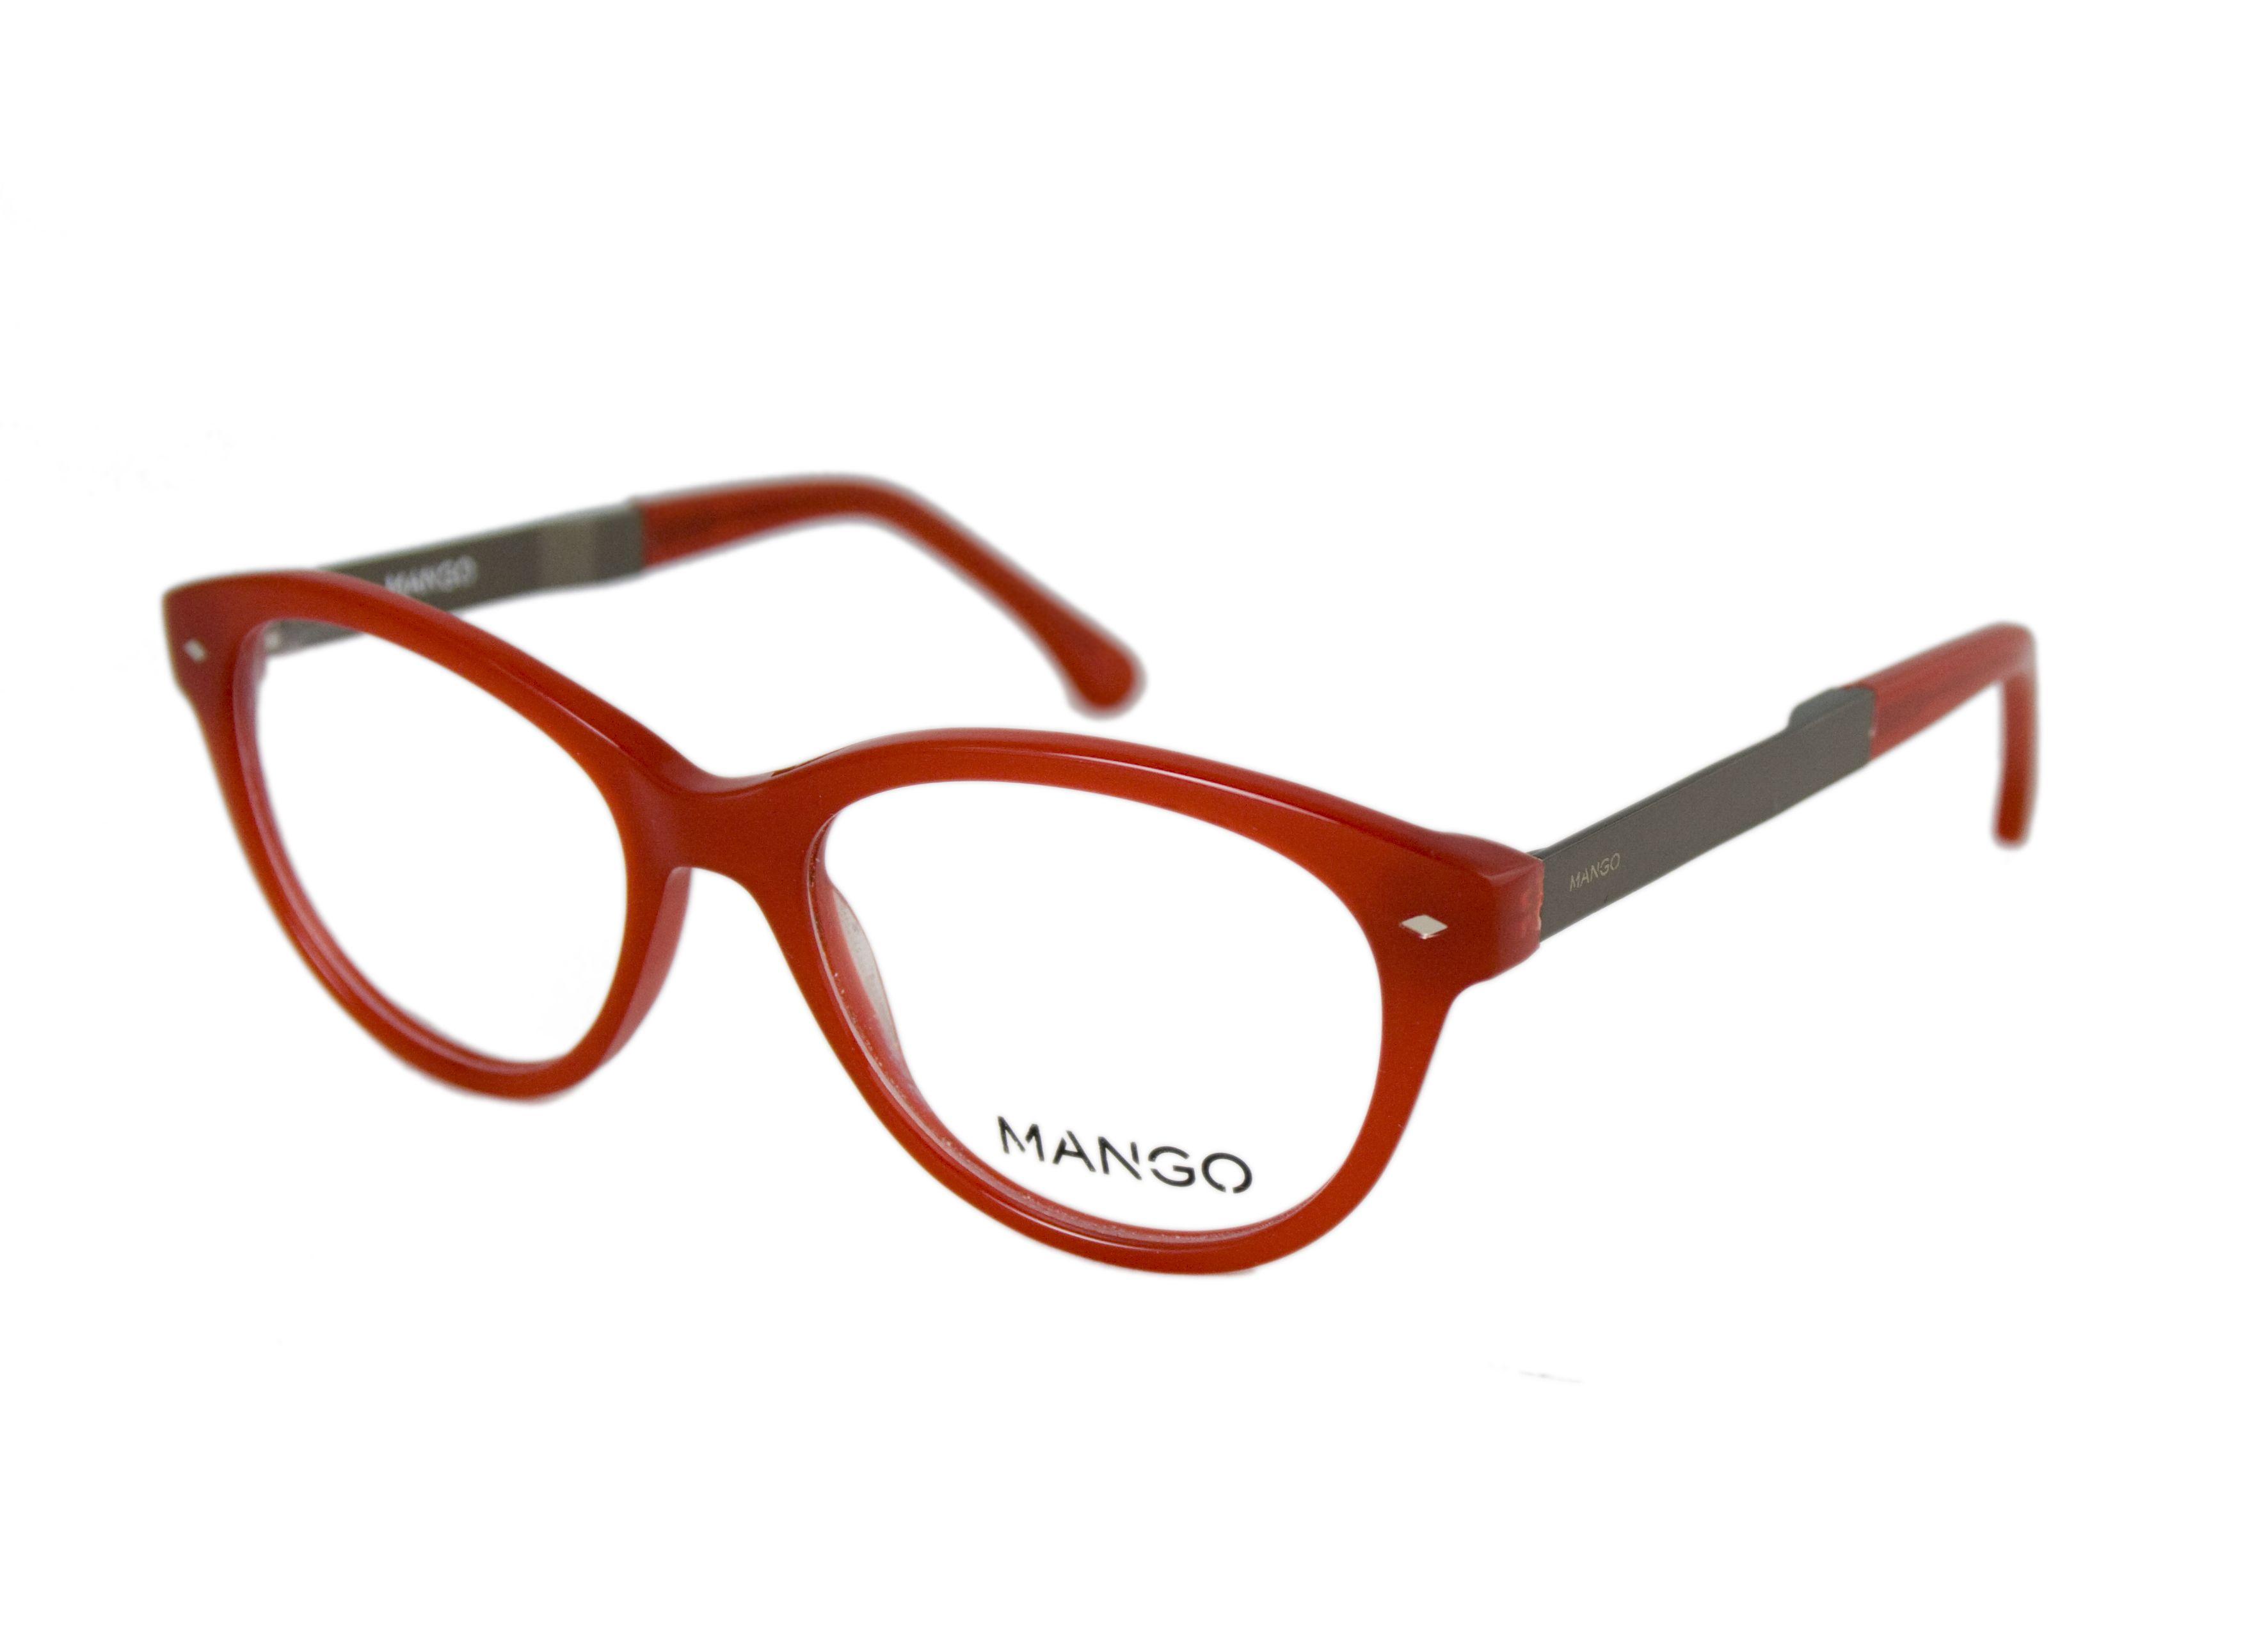 e7105f7b8ea04 Oculos  Mango by  Opticalia  Rossio  Lisboa   Colecção Mango by ...